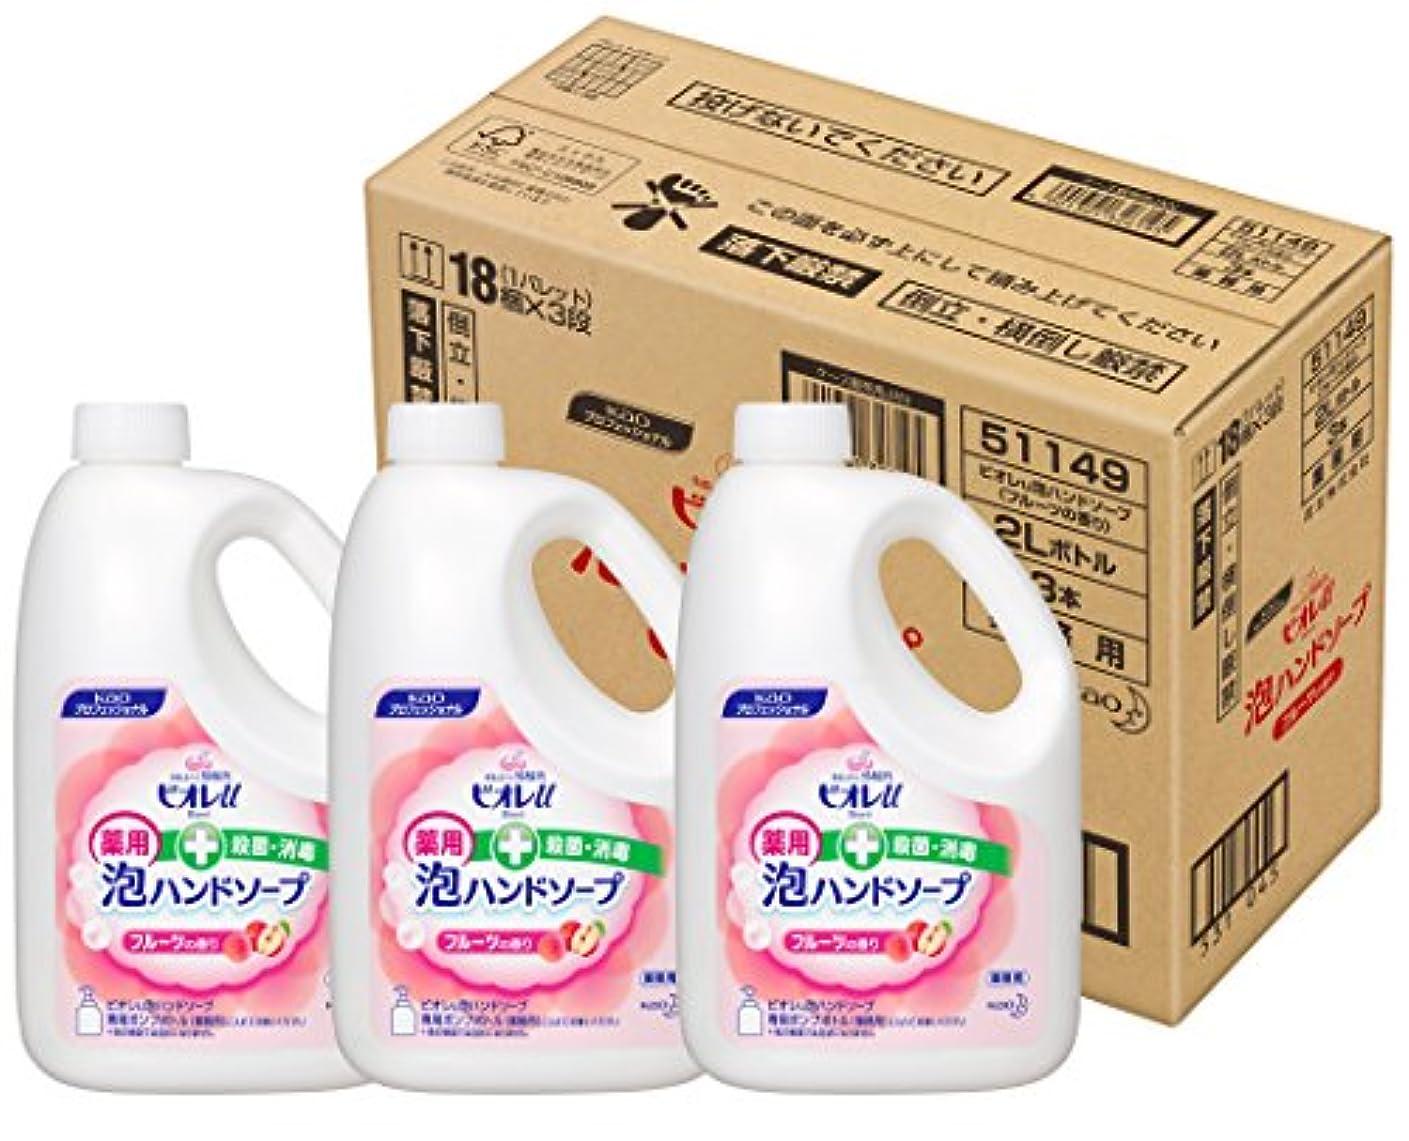 樹皮トリップ気がついて【ケース販売 業務用 泡ハンドソープ】ビオレu 泡ハンドソープ フルーツの香り 2L×3(プロフェッショナルシリーズ)